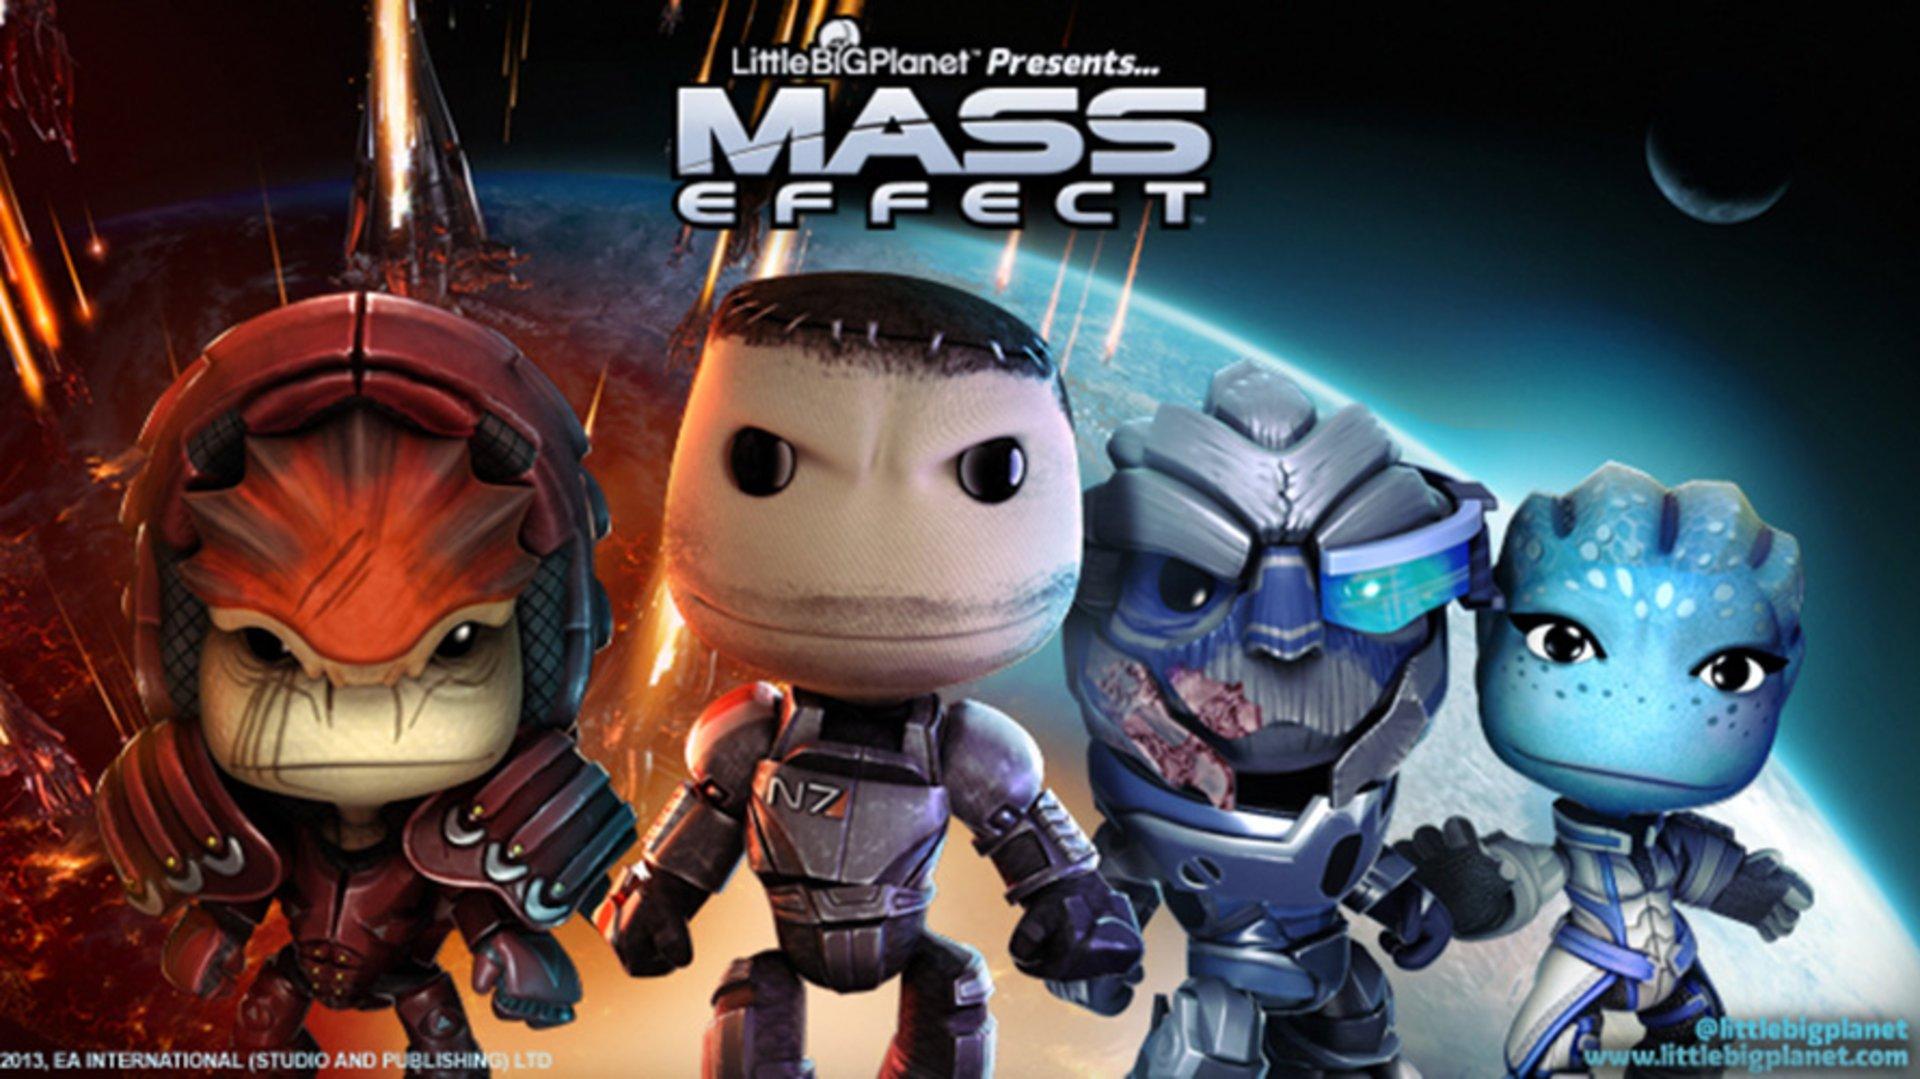 Костюмы персонажей из Mass Effect 3 в #LittleBigPlanet. Придется брать! - Изображение 1